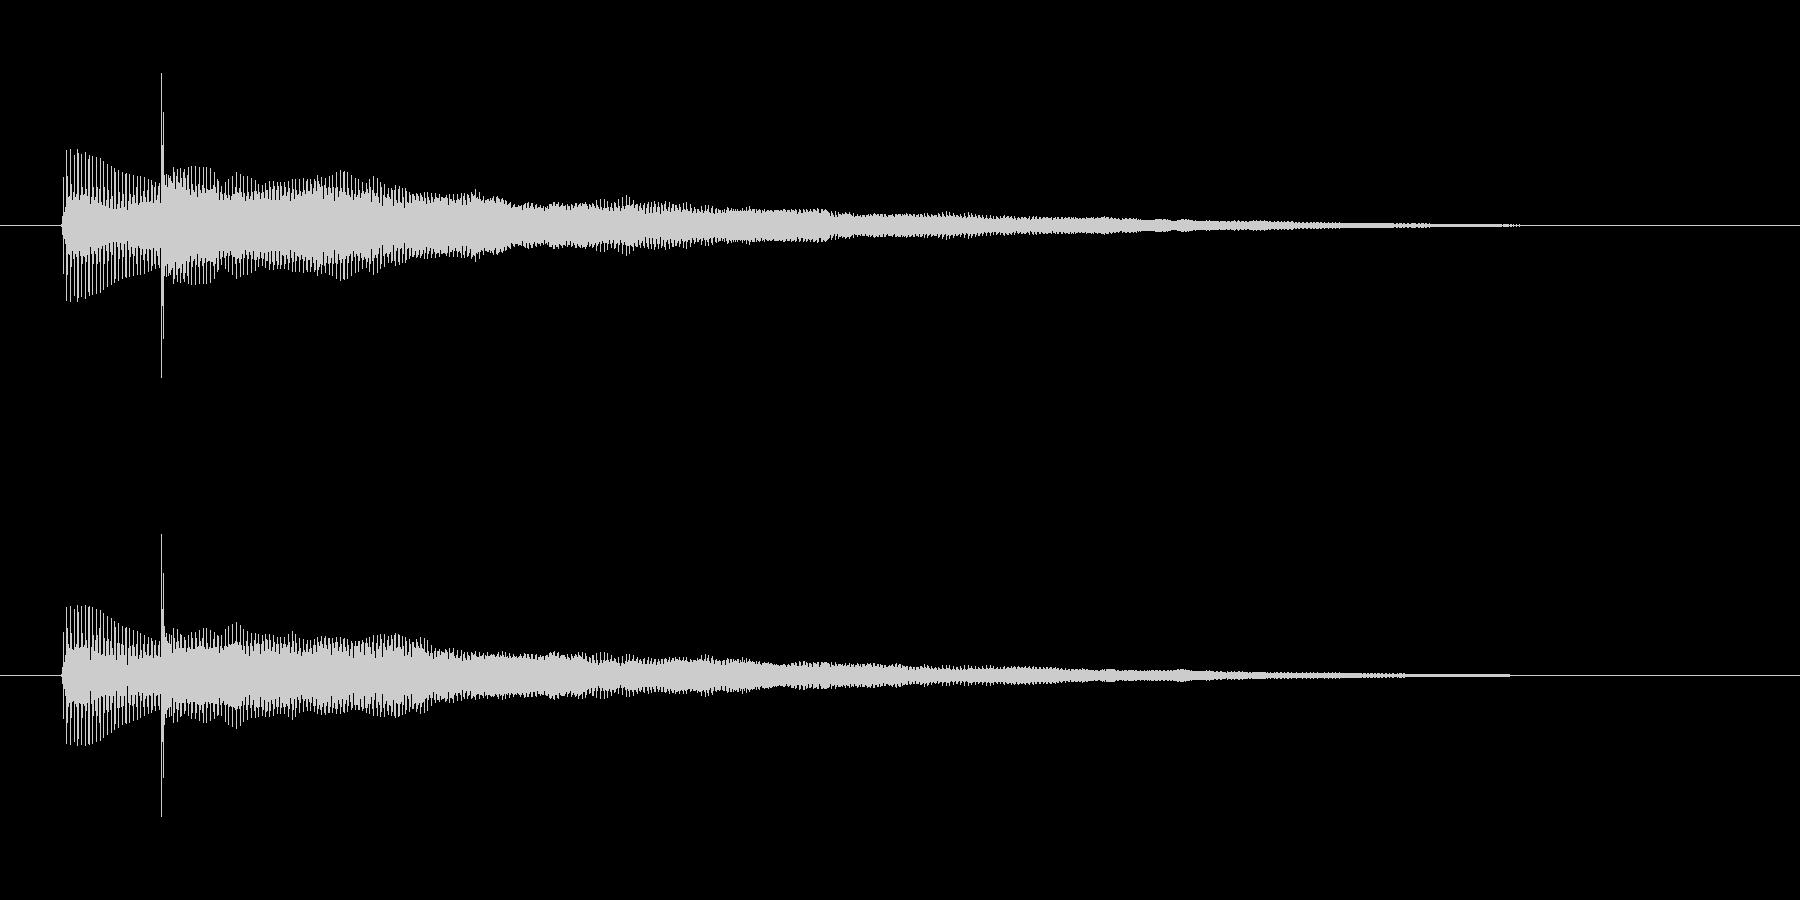 ベースとギターのハーモニクス音の未再生の波形